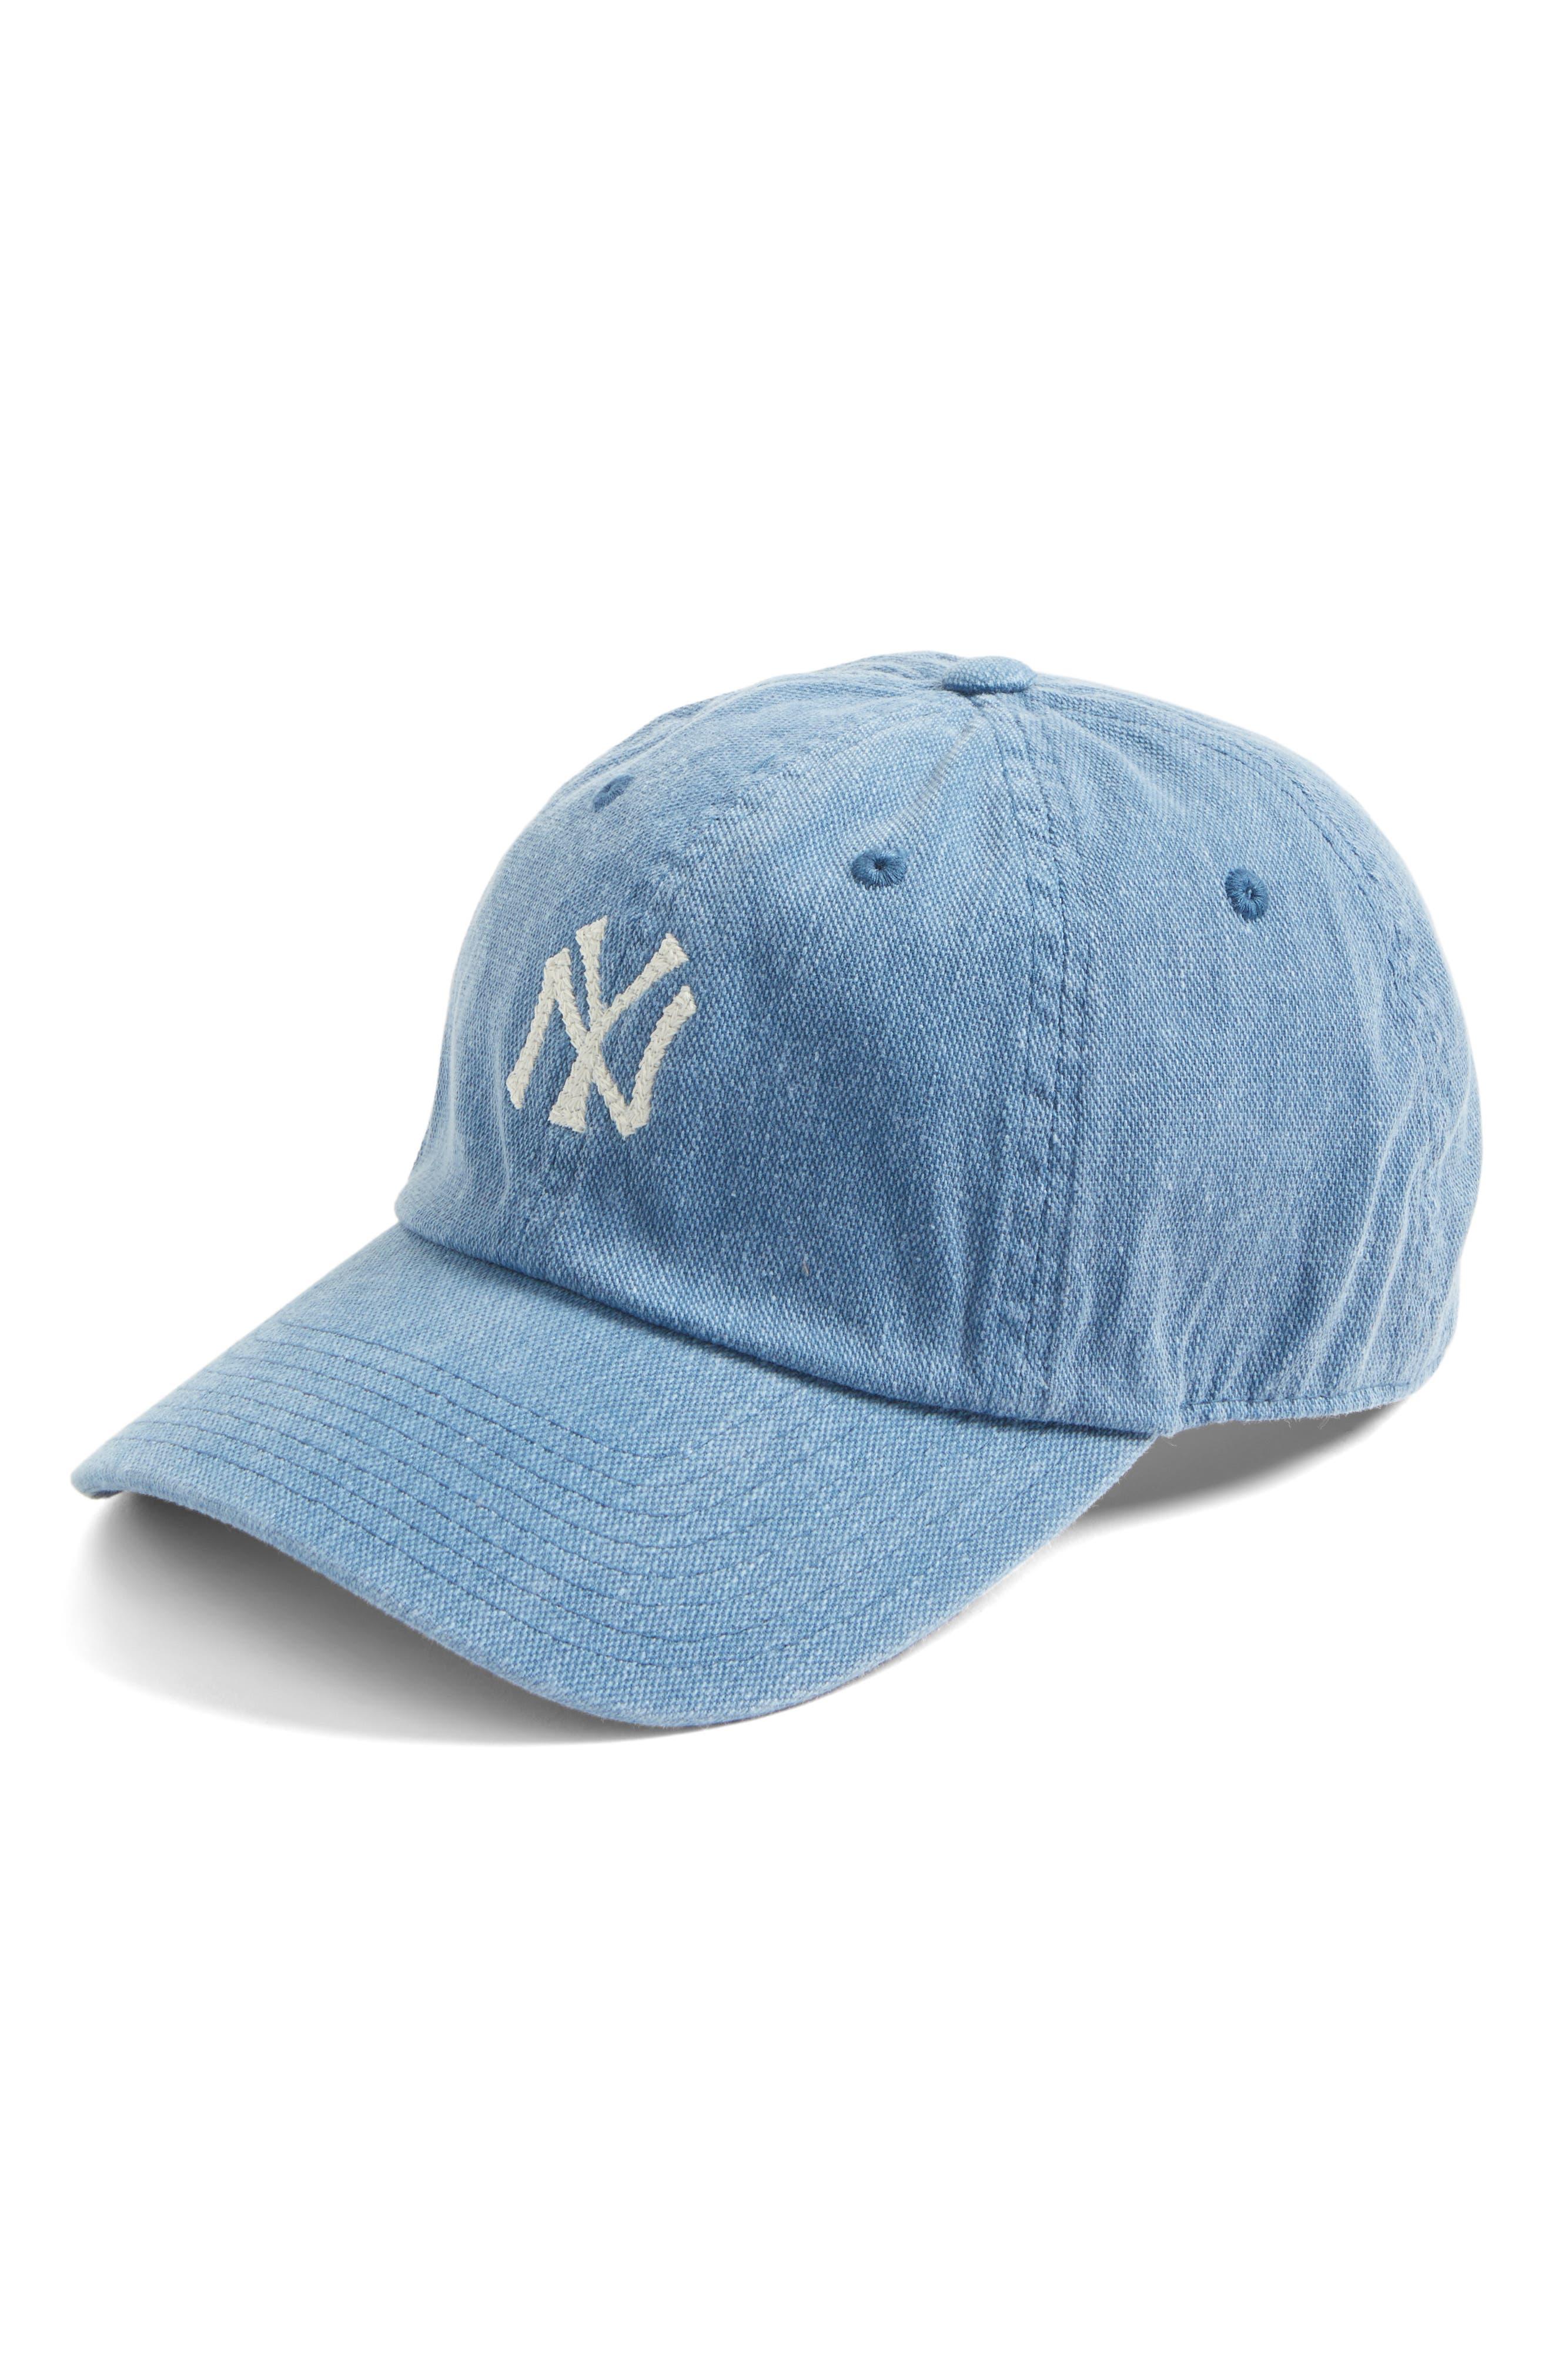 Alternate Image 1 Selected - American Needle Danbury New York Yankees Baseball Cap